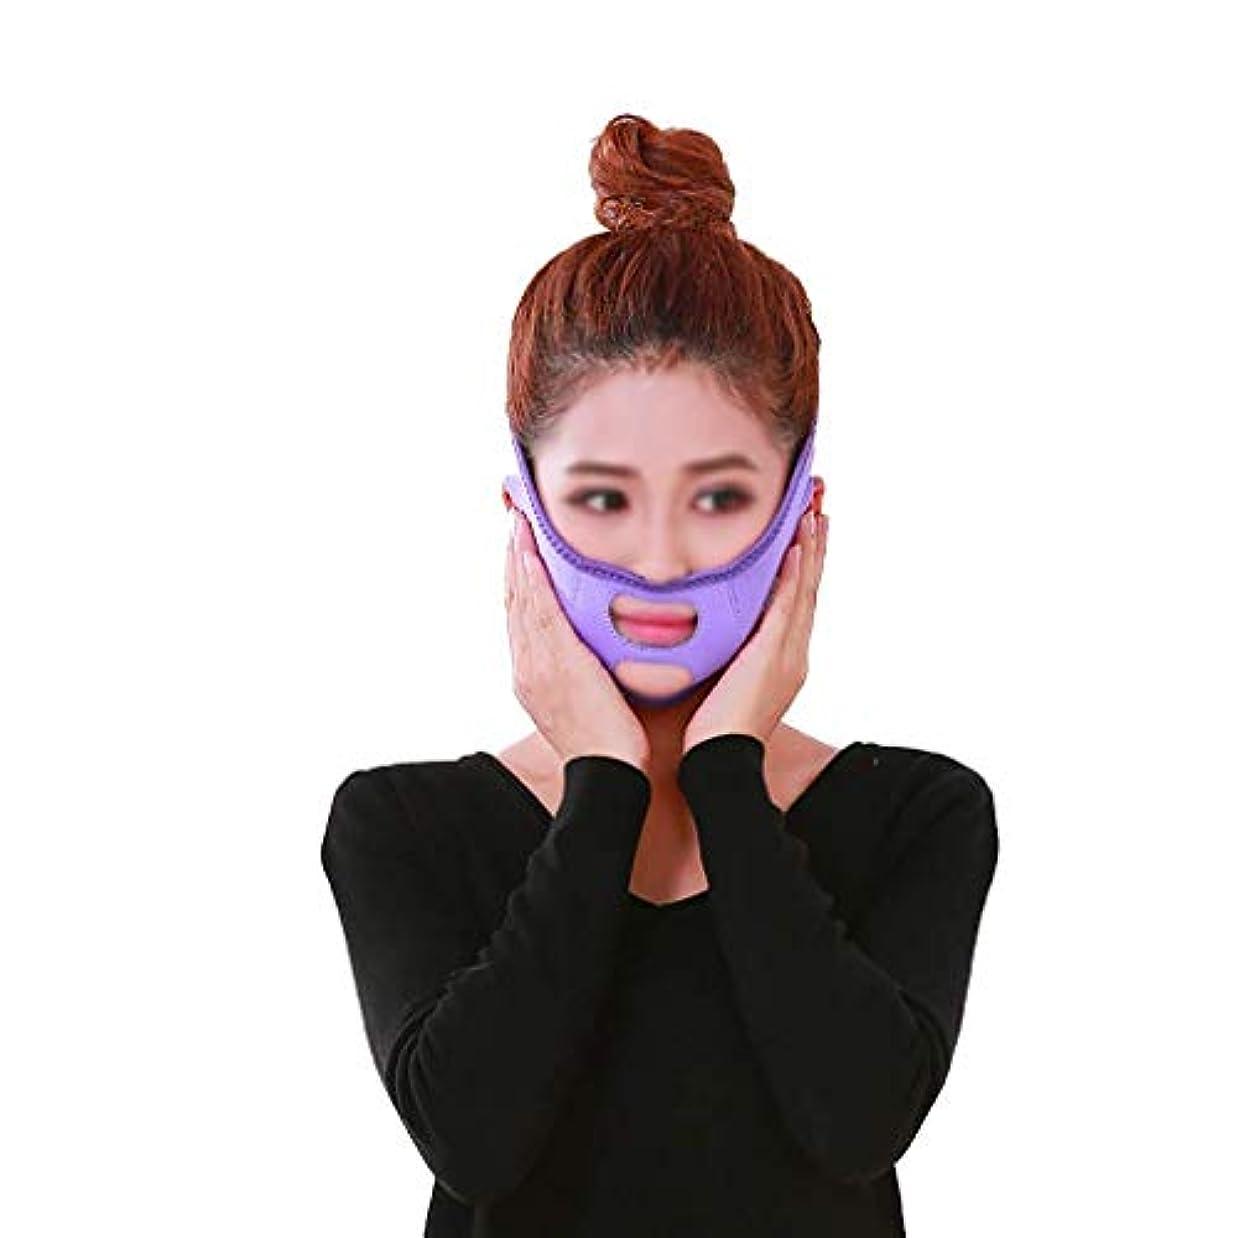 微妙モルヒネ進行中フェイスリフトフェイシャル、肌のリラクゼーションを防ぐタイトなVフェイスマスクVフェイスアーティファクトフェイスリフトバンデージフェイスケア(色:紫)